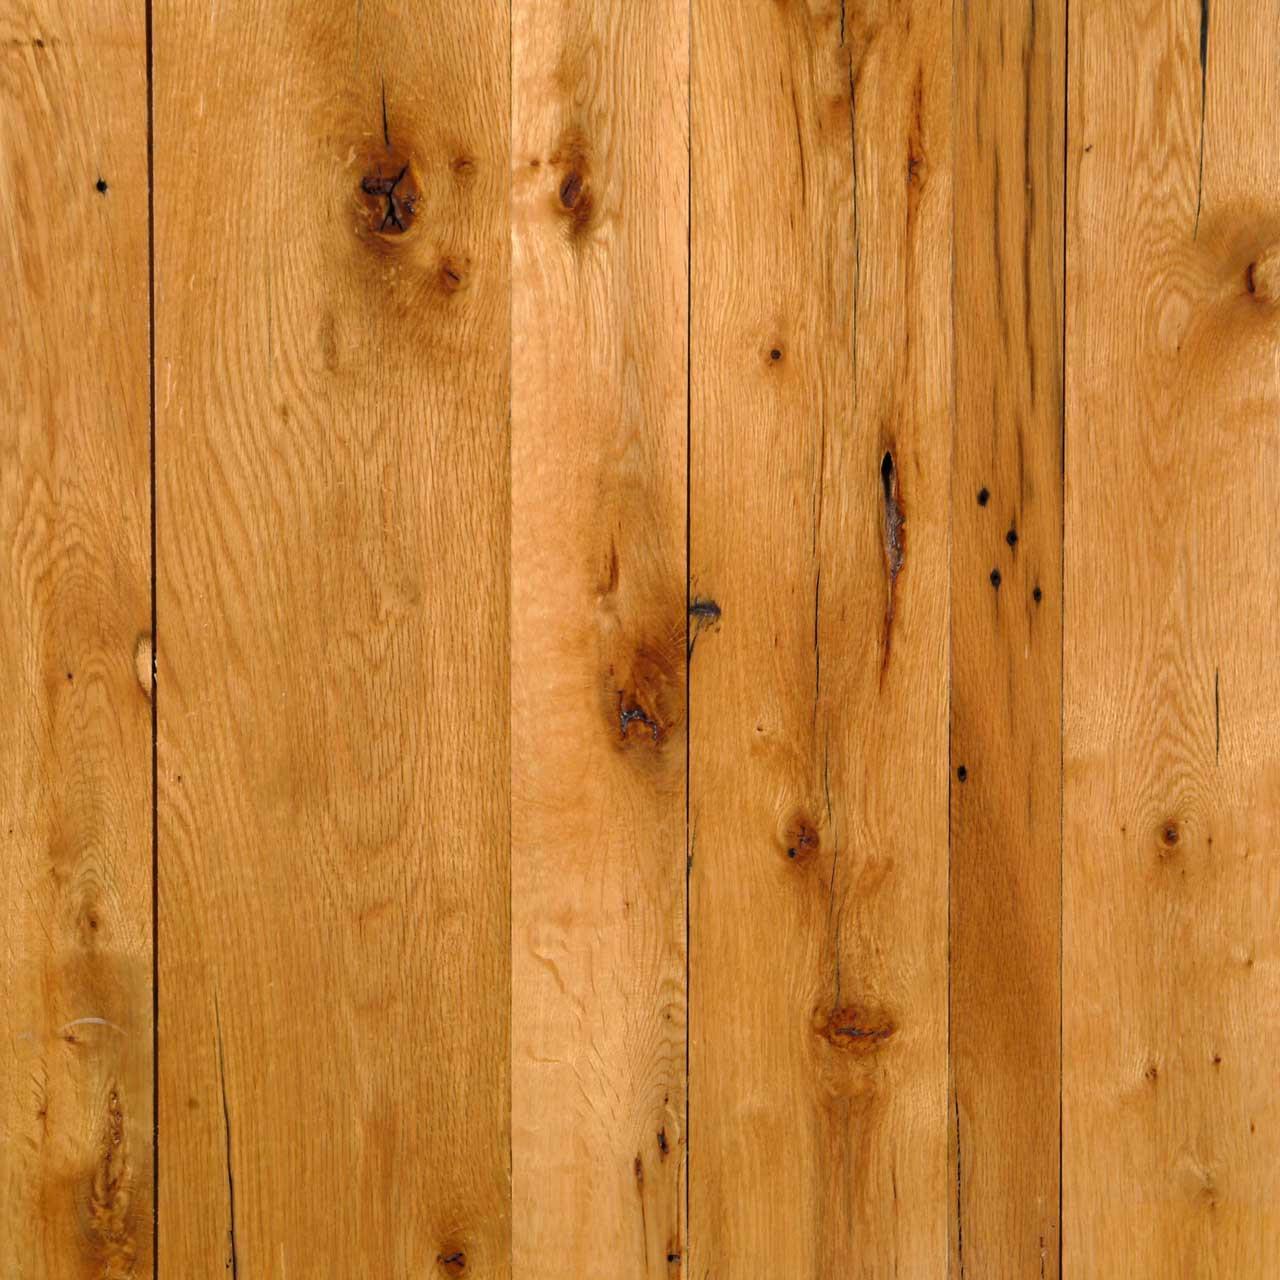 laminate wood flooring versus hardwood flooring of longleaf lumber reclaimed red white oak wood in reclaimed white oak wood flooring